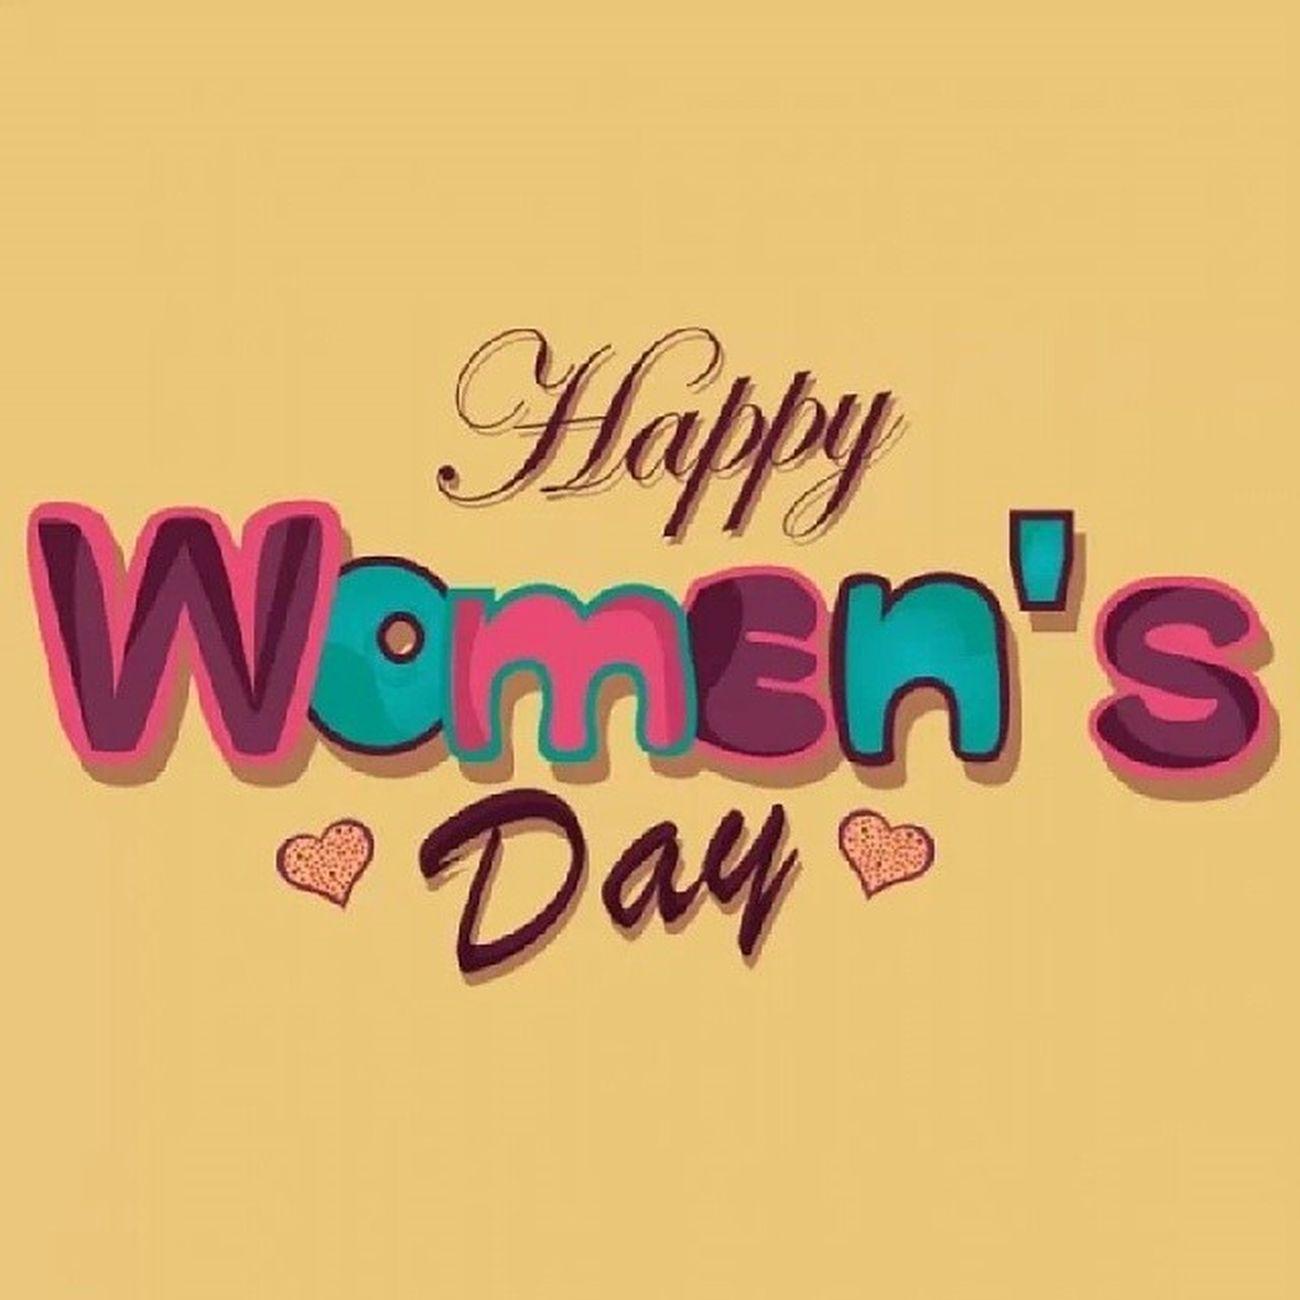 اليوم يوم_الرأة_العالمي هعهع لحد يحجي ويانا اليوم نييييا